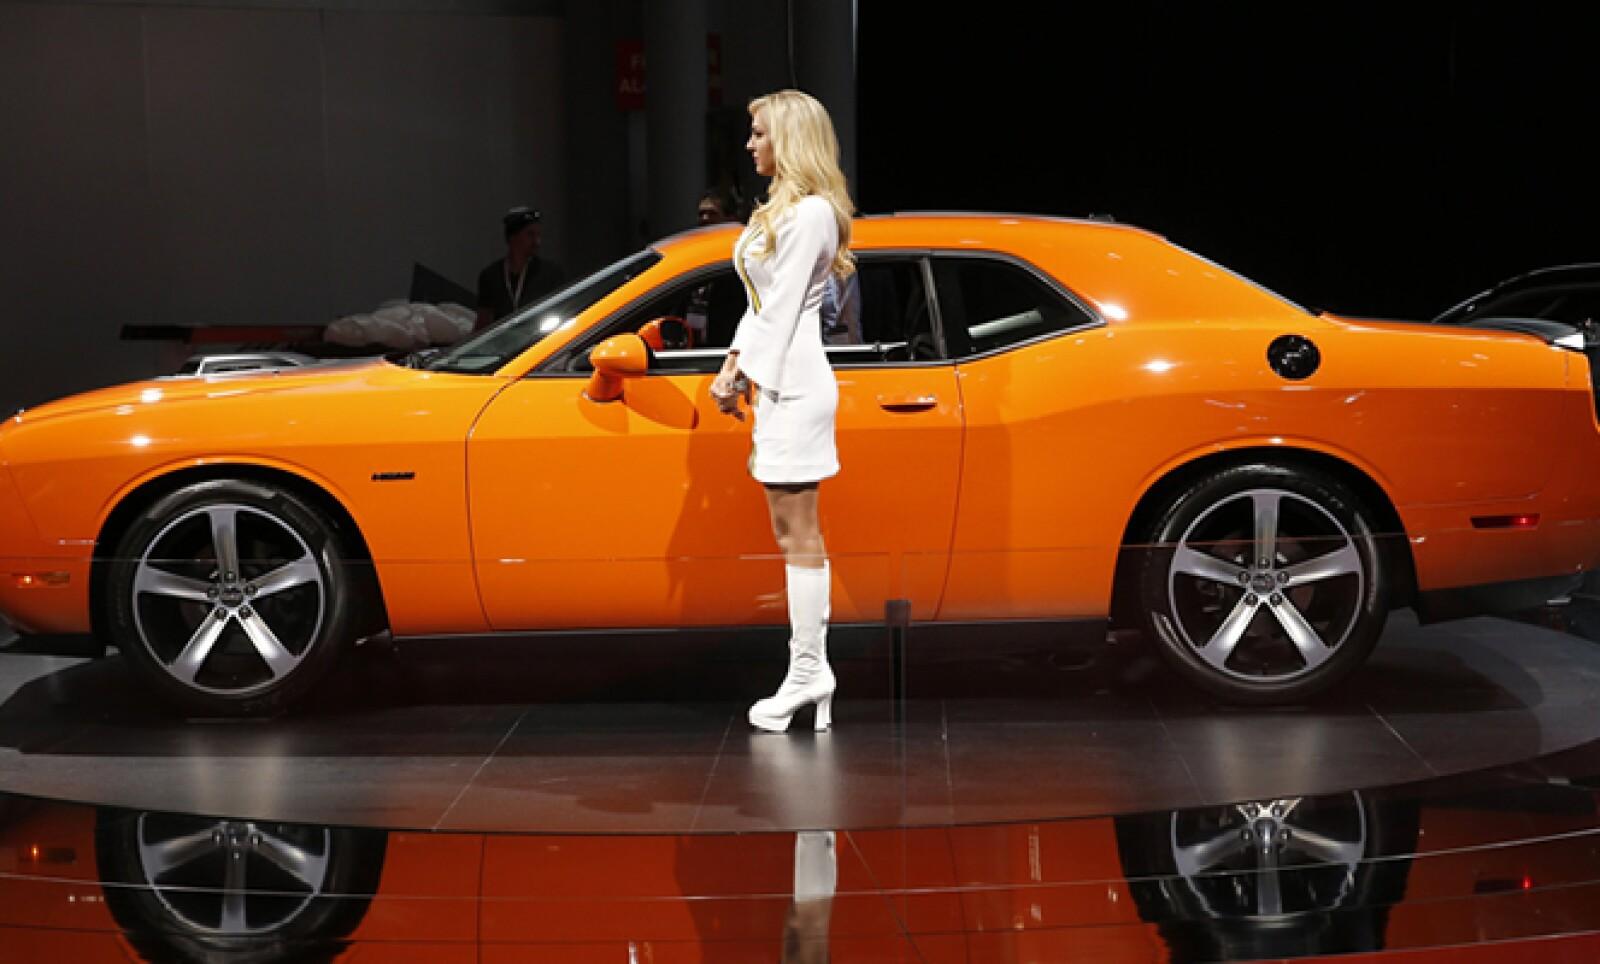 El Dodge Challenger retomó algunas líneas de su diseño clásico para este nuevo modelo.